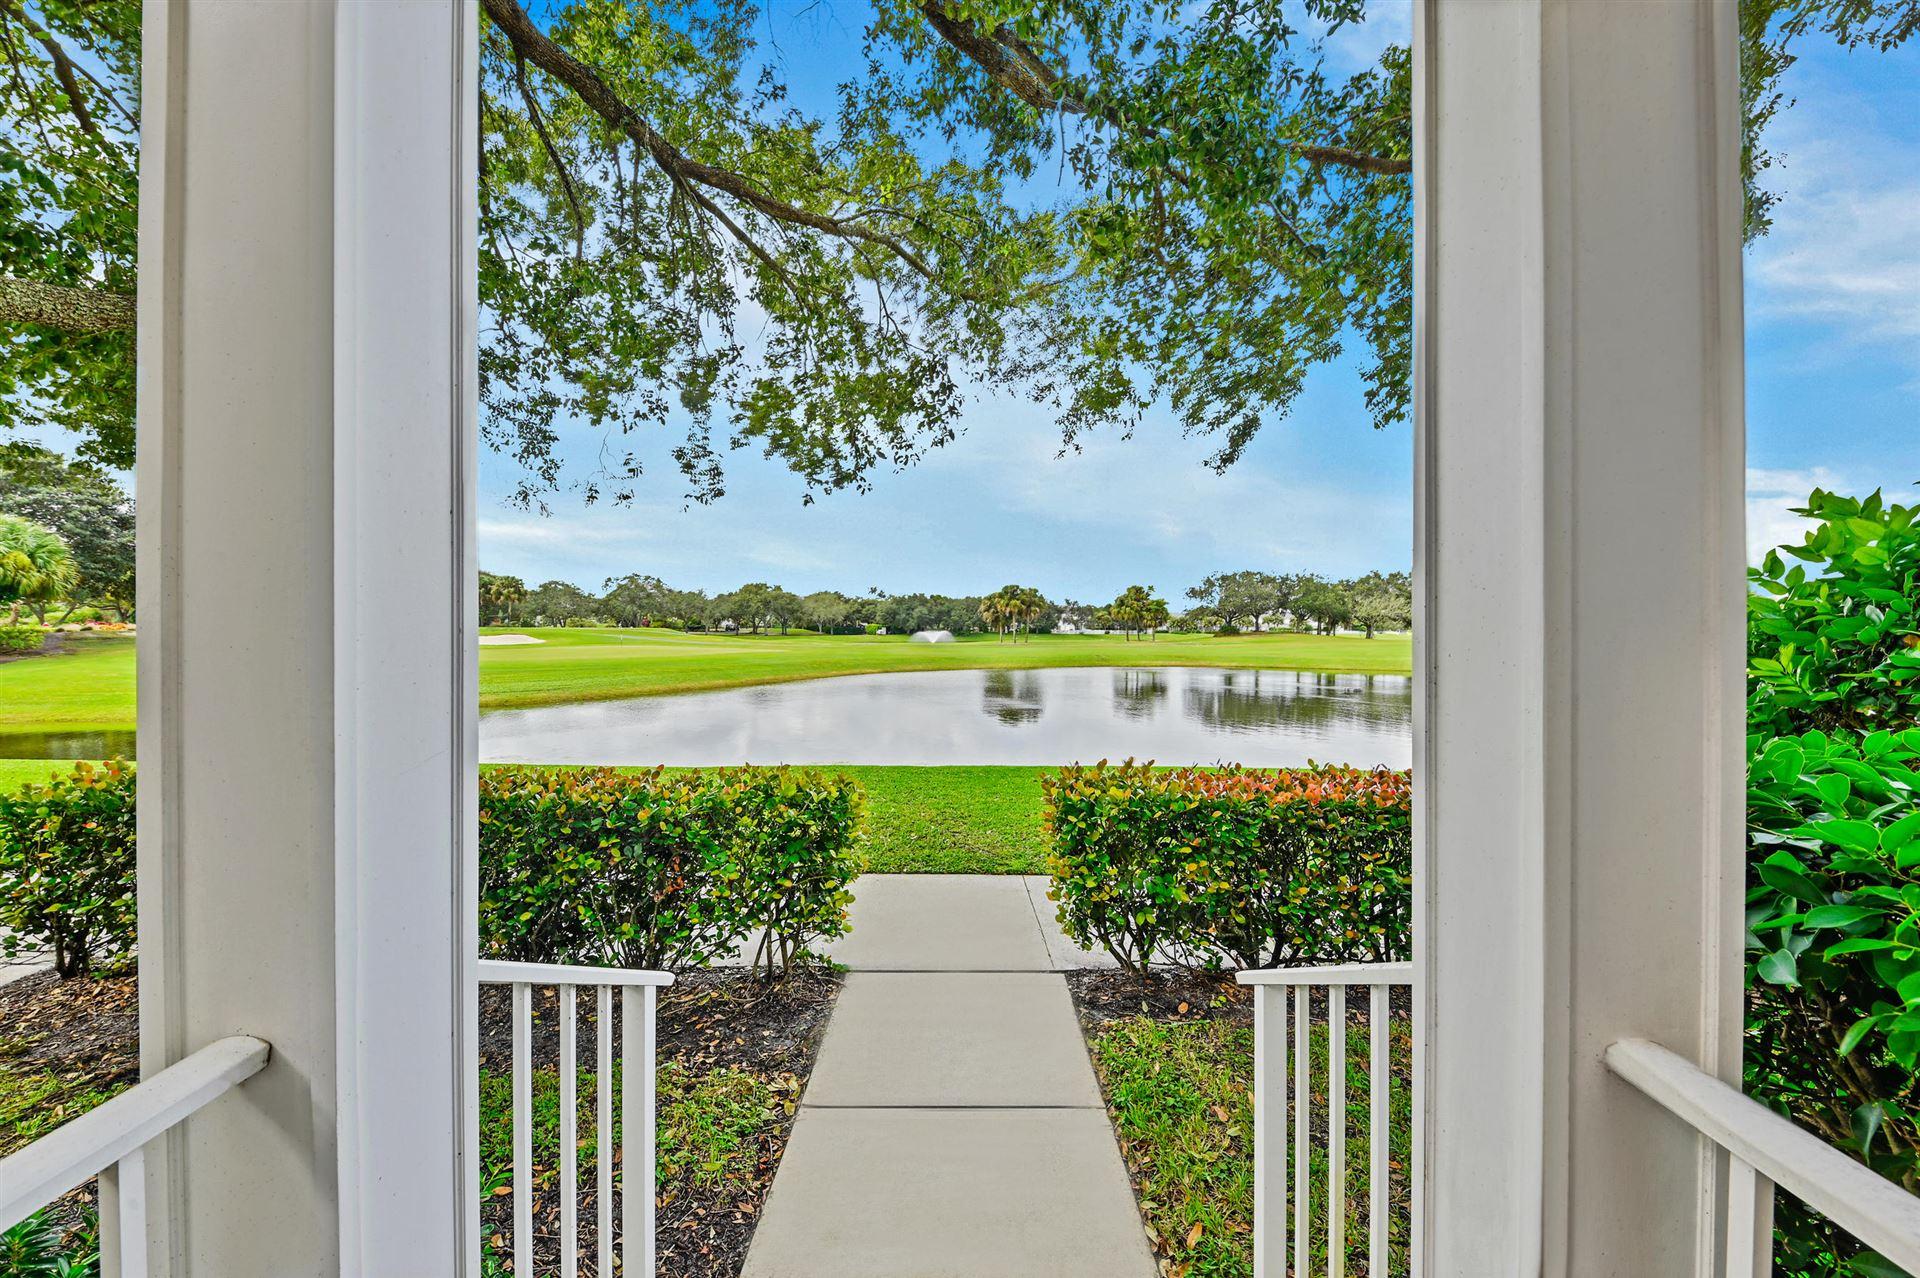 Photo of 142 Wentworth Court, Jupiter, FL 33458 (MLS # RX-10669812)